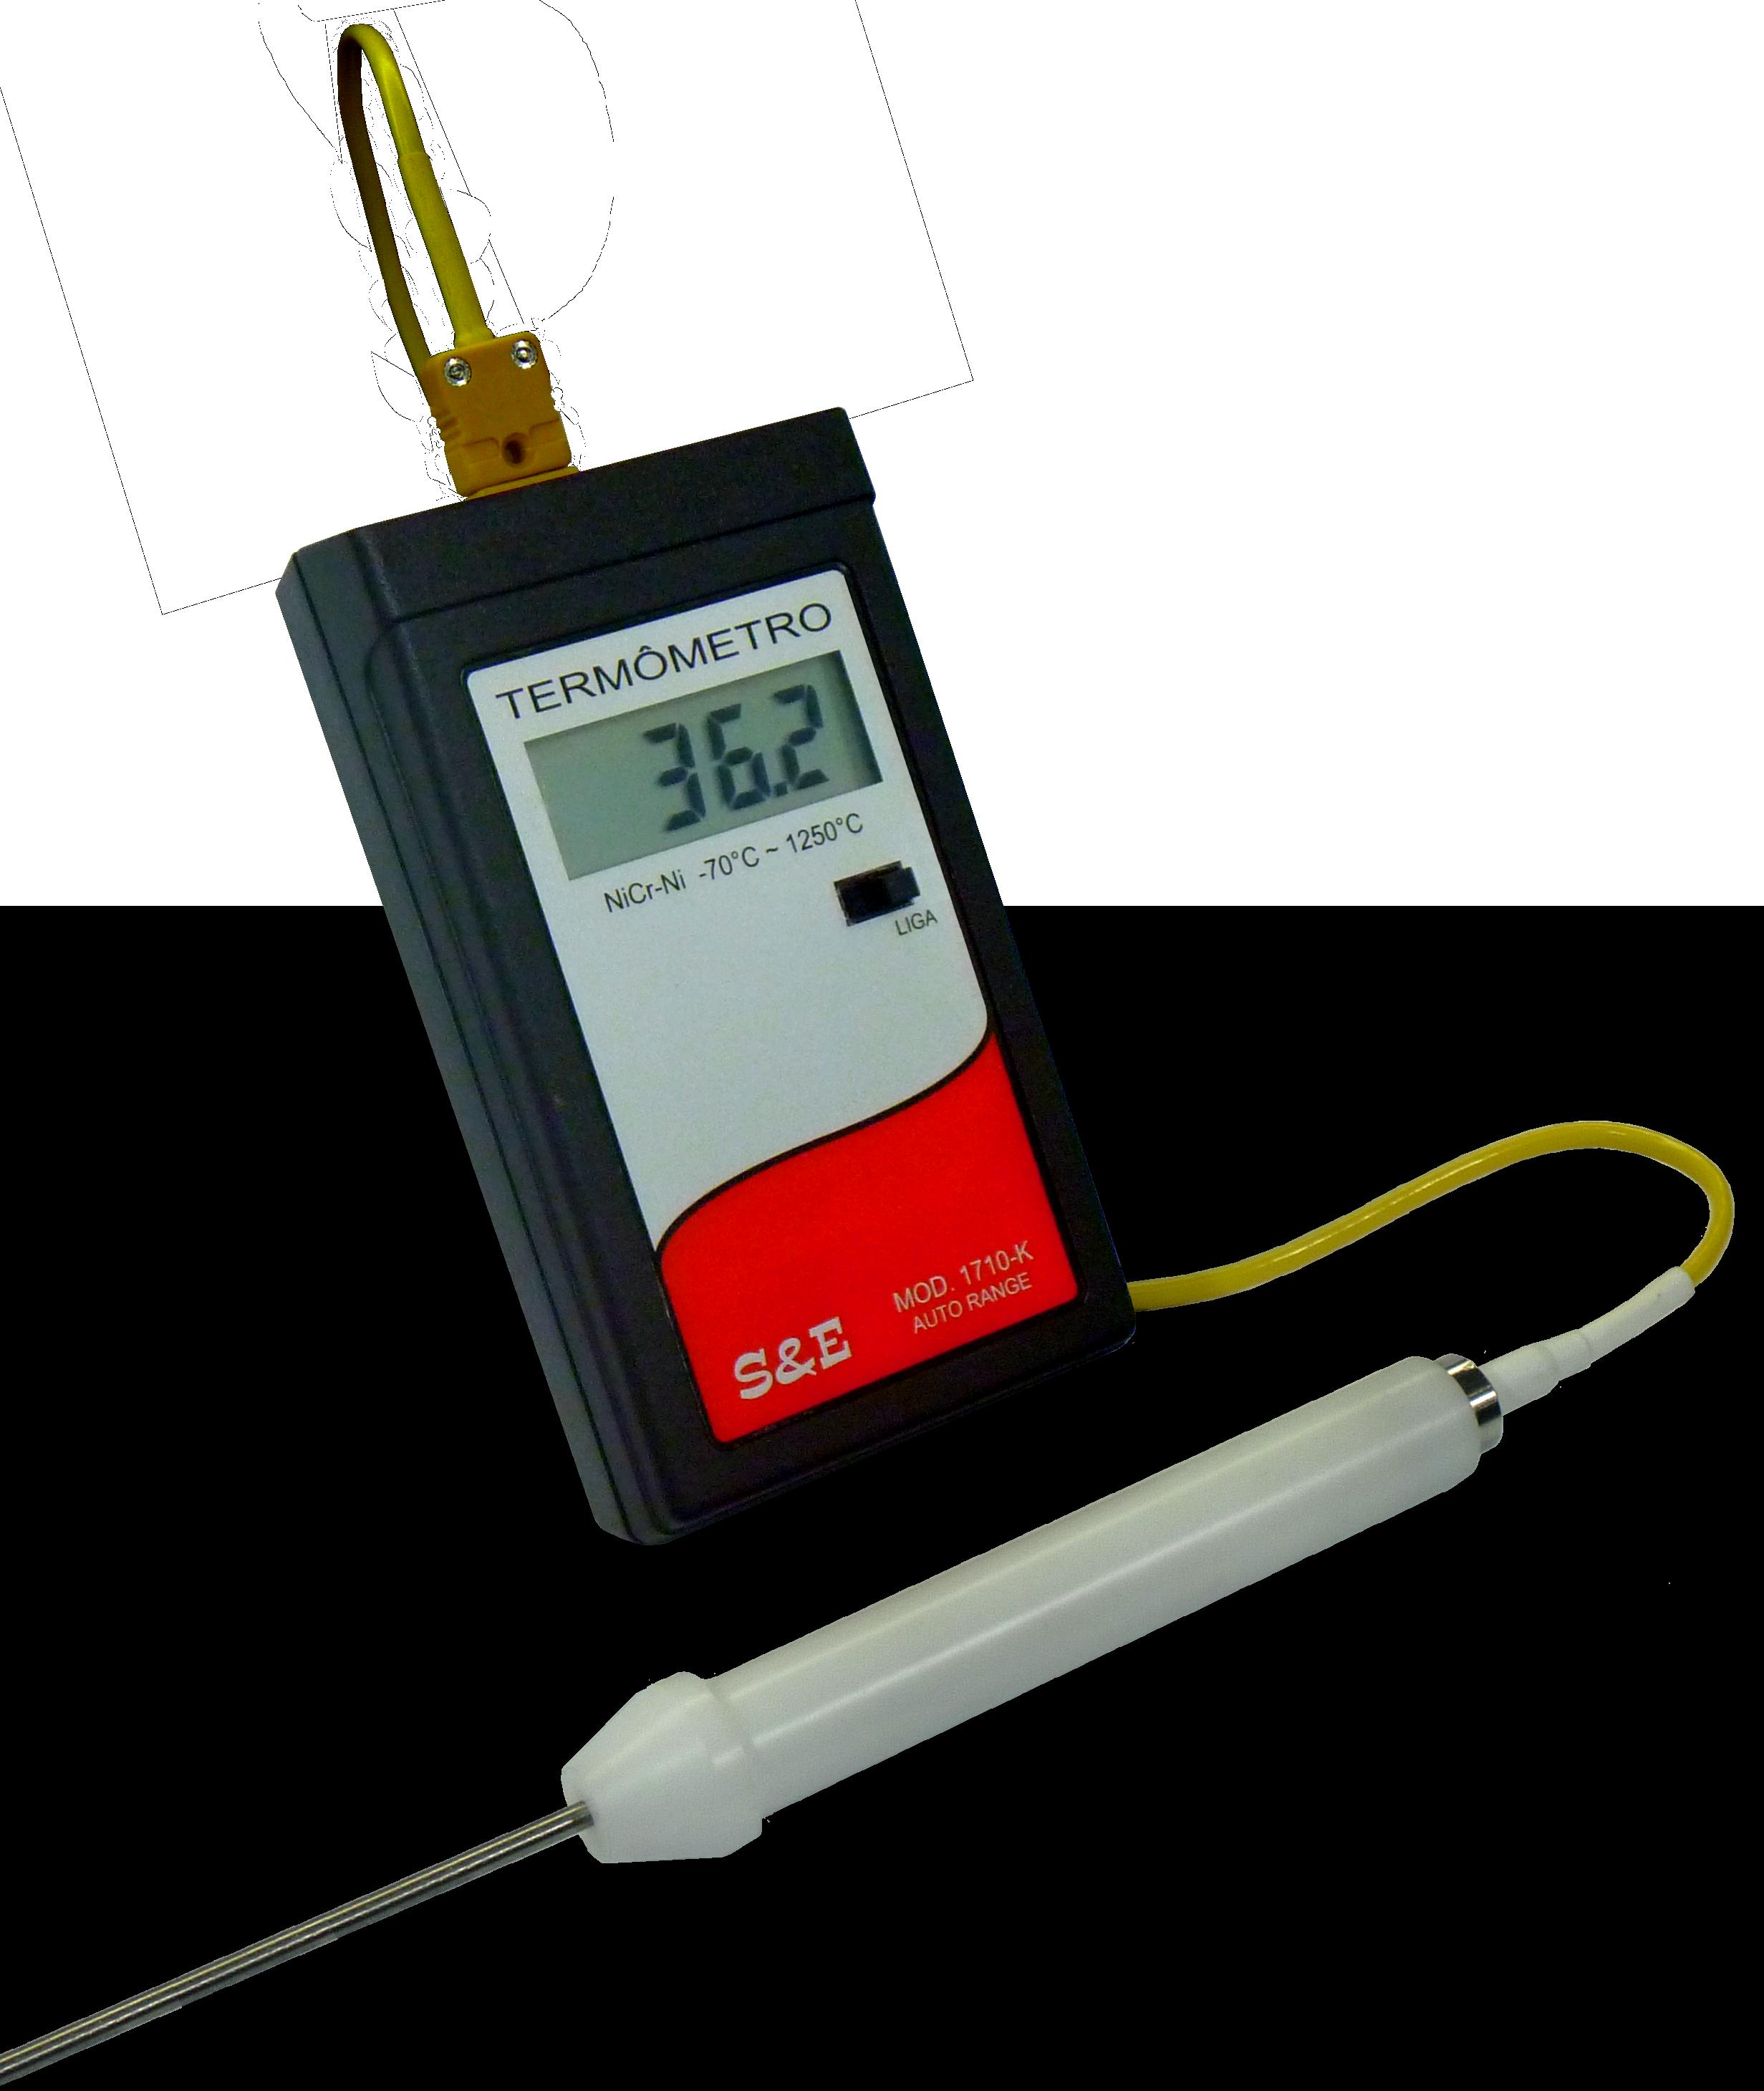 Termometro Industrial Digital S E Instrumentos Termometro industrial venta y distribución de envases, embalajes, menaje y decoración. termometro industrial digital s e